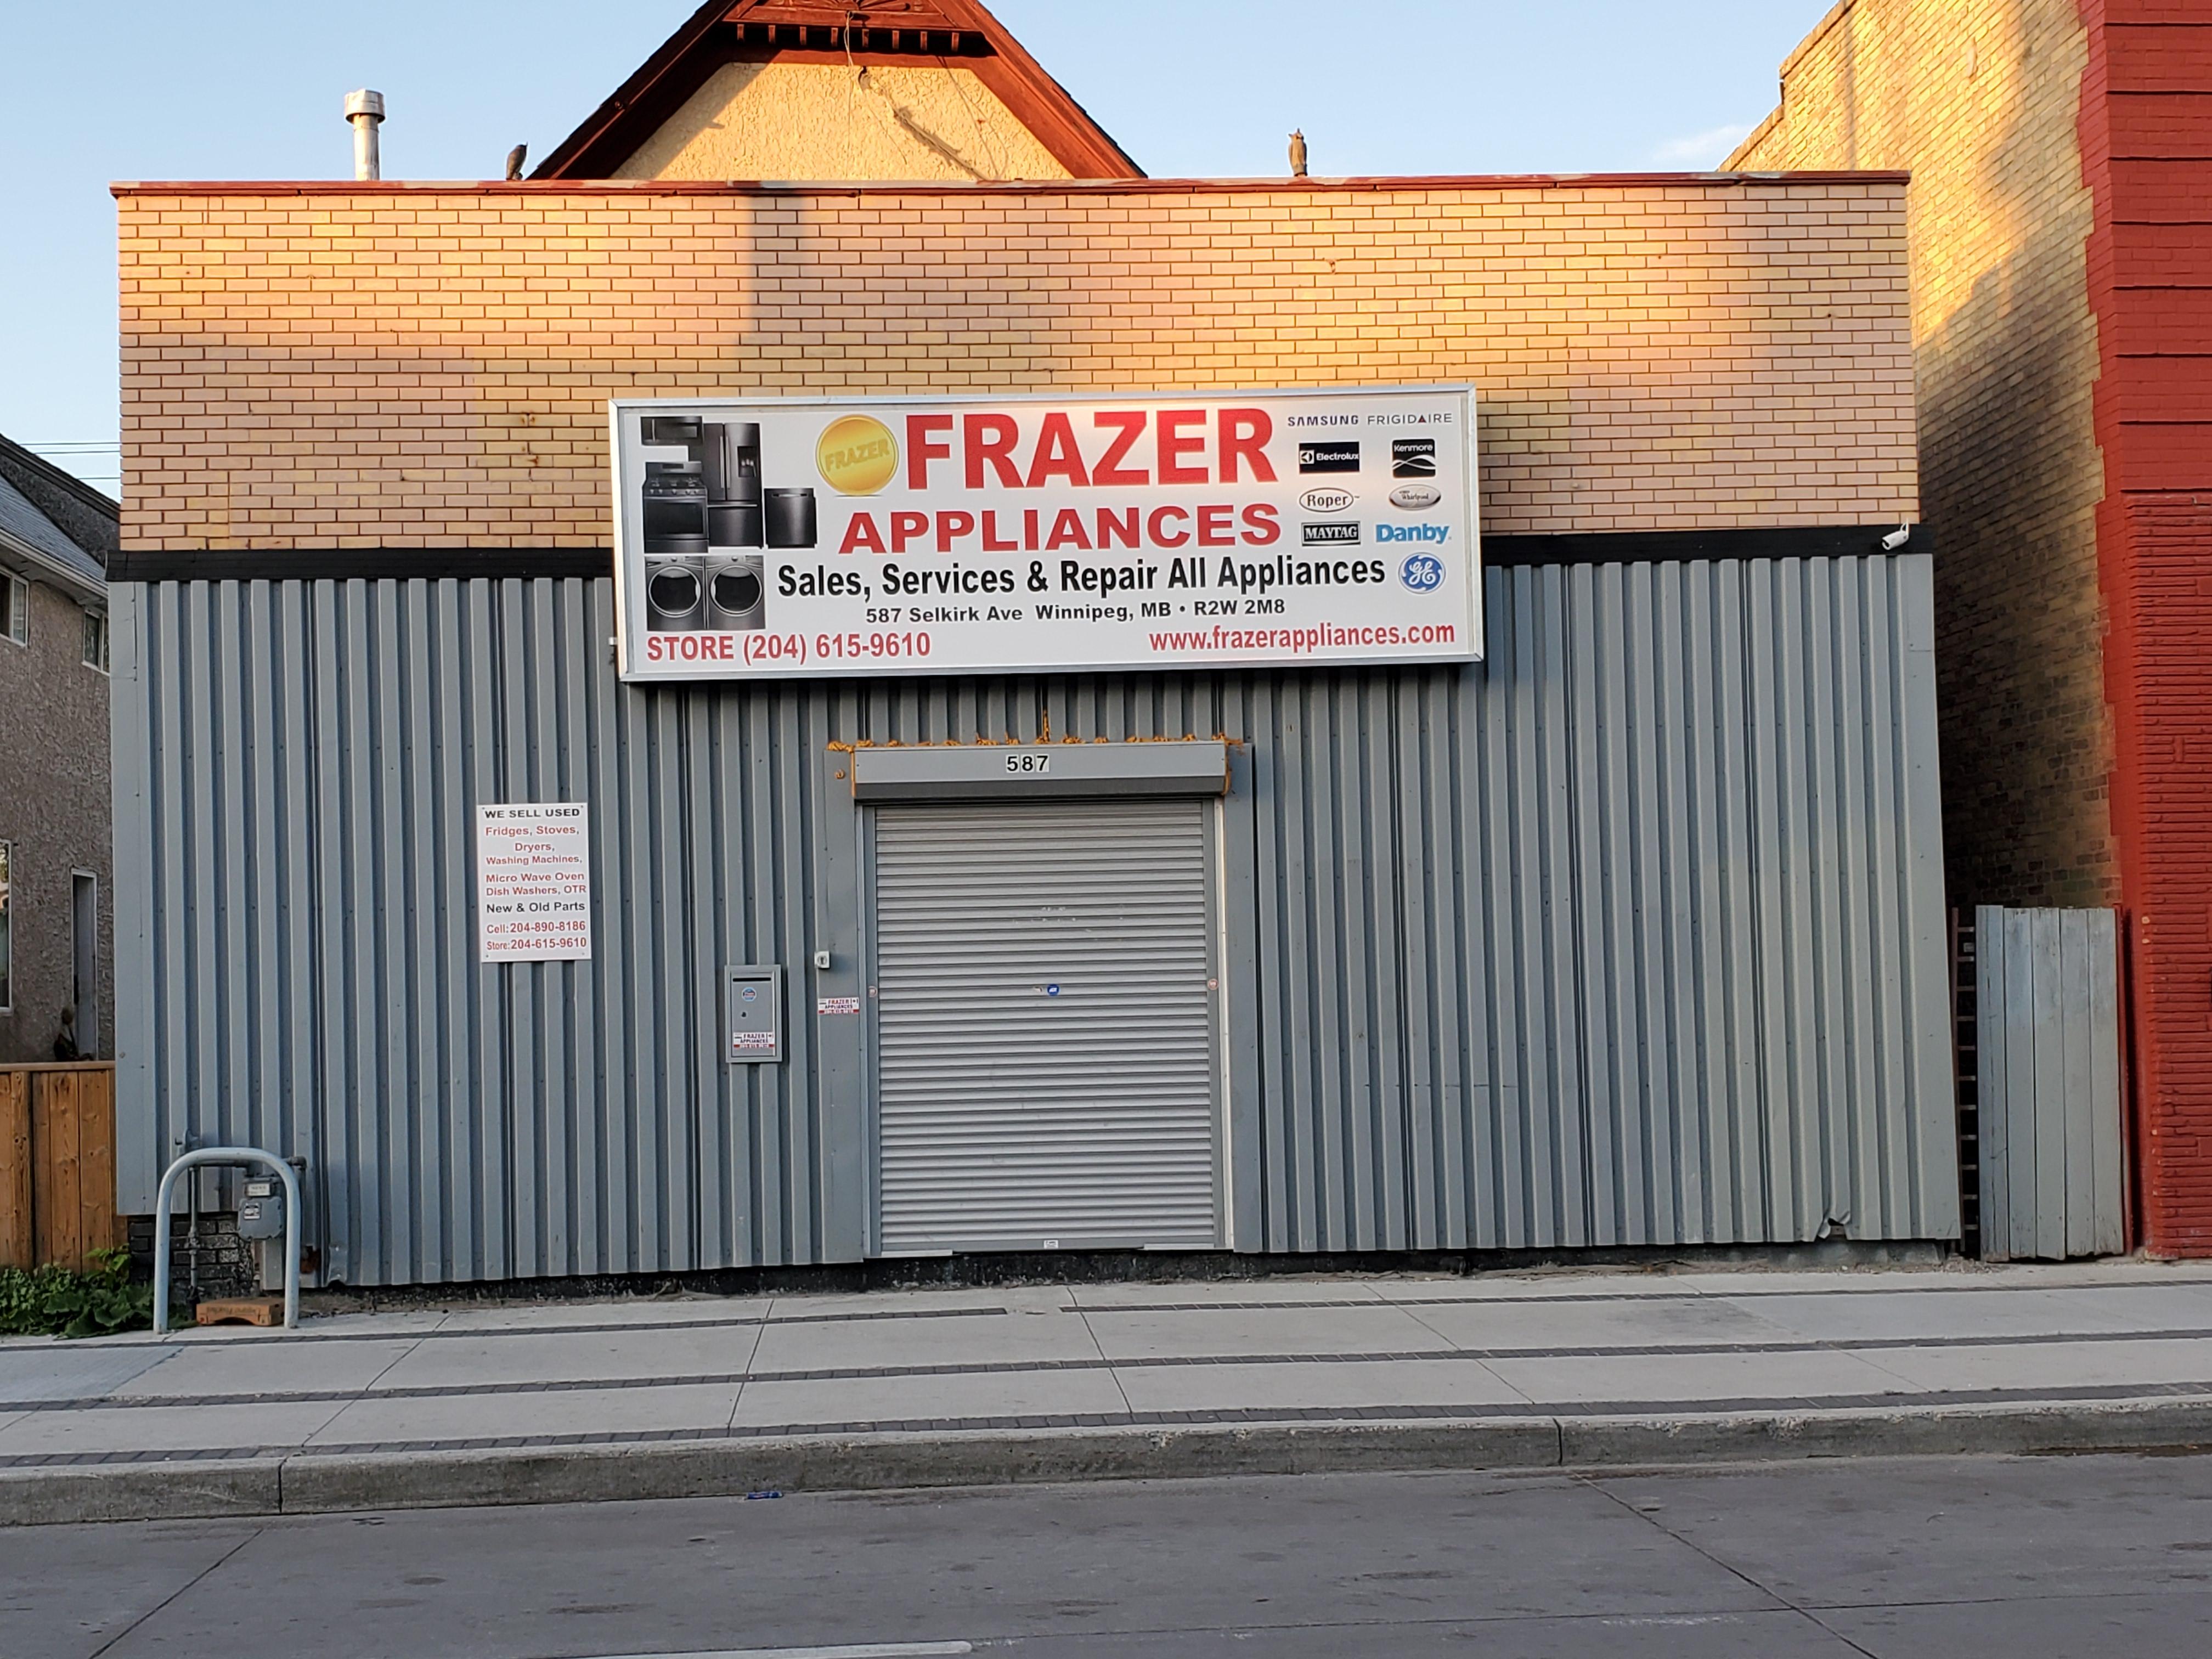 https://0901.nccdn.net/4_2/000/000/06b/a1b/Frazer-Appliance.jpg